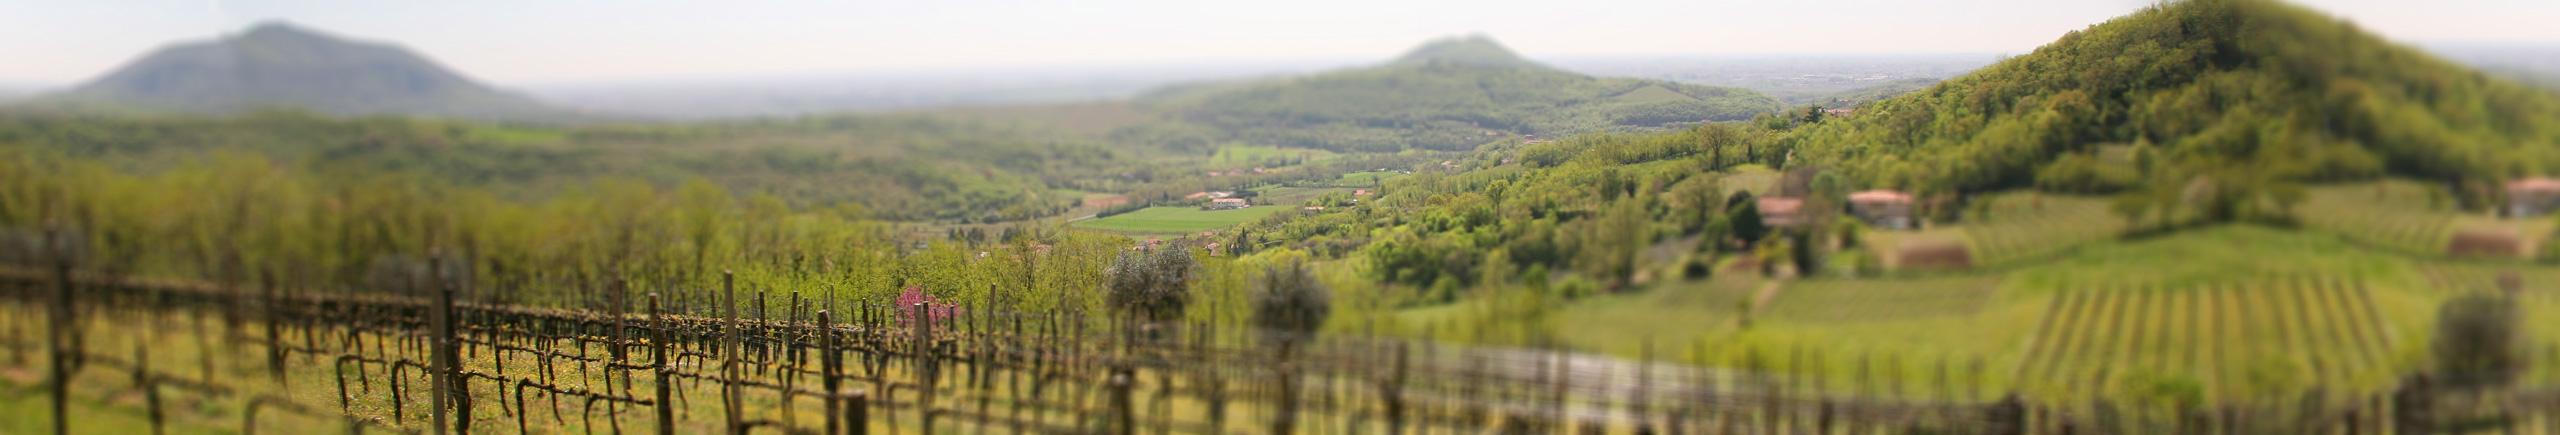 Agriturismo Colli Euganei - Le Volpi, un'azienda agricola con produzione vino e olio